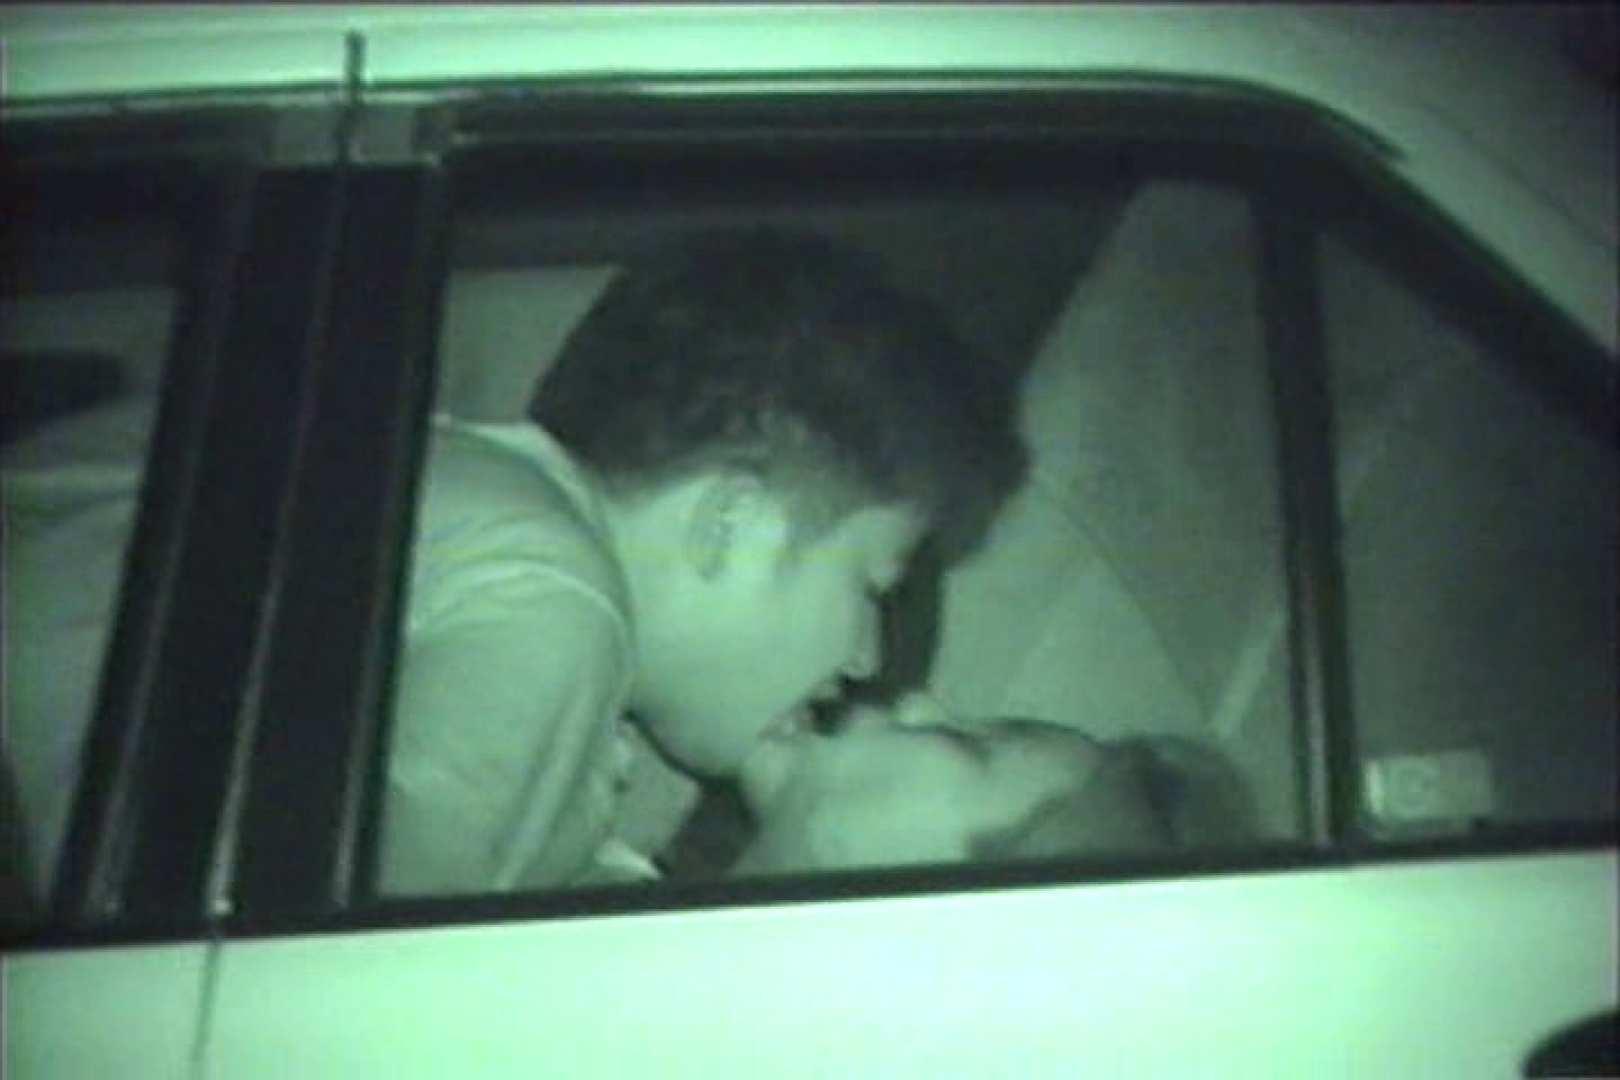 車の中はラブホテル 無修正版  Vol.17 エロティックなOL オメコ無修正動画無料 97画像 79